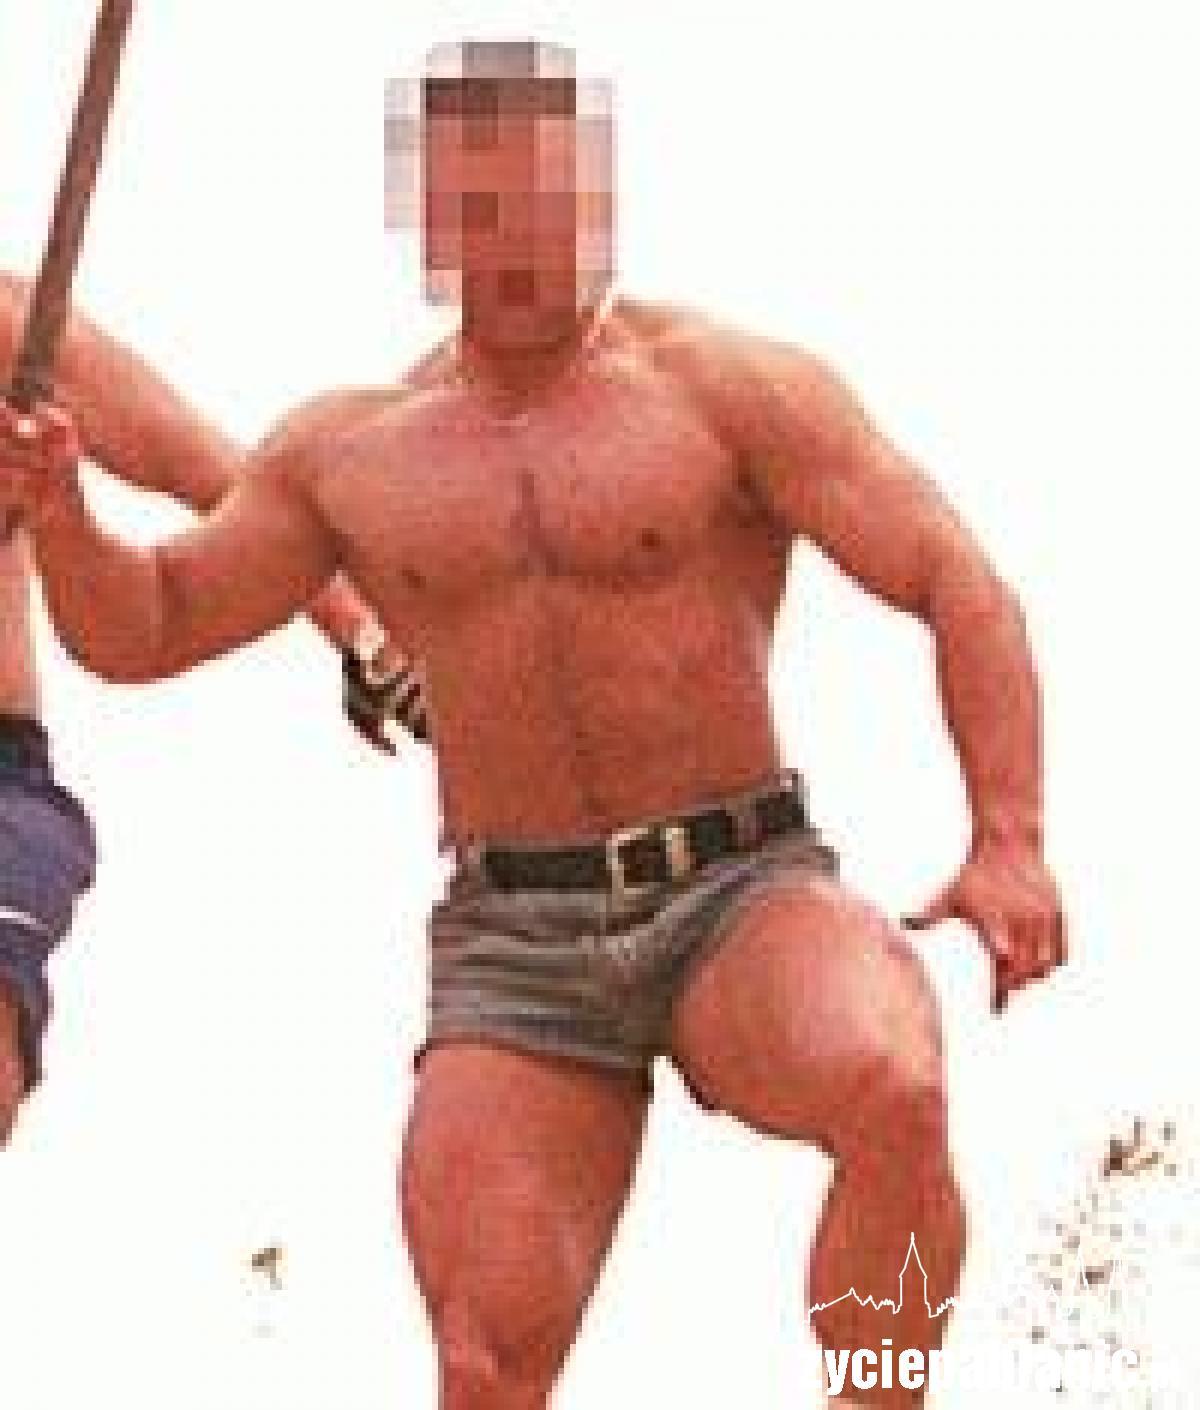 """Aby zagrać rolę gladiatora w filmie """"Quo vadis"""", nauczyciel Mariusz B. trenował długo i ciężko"""